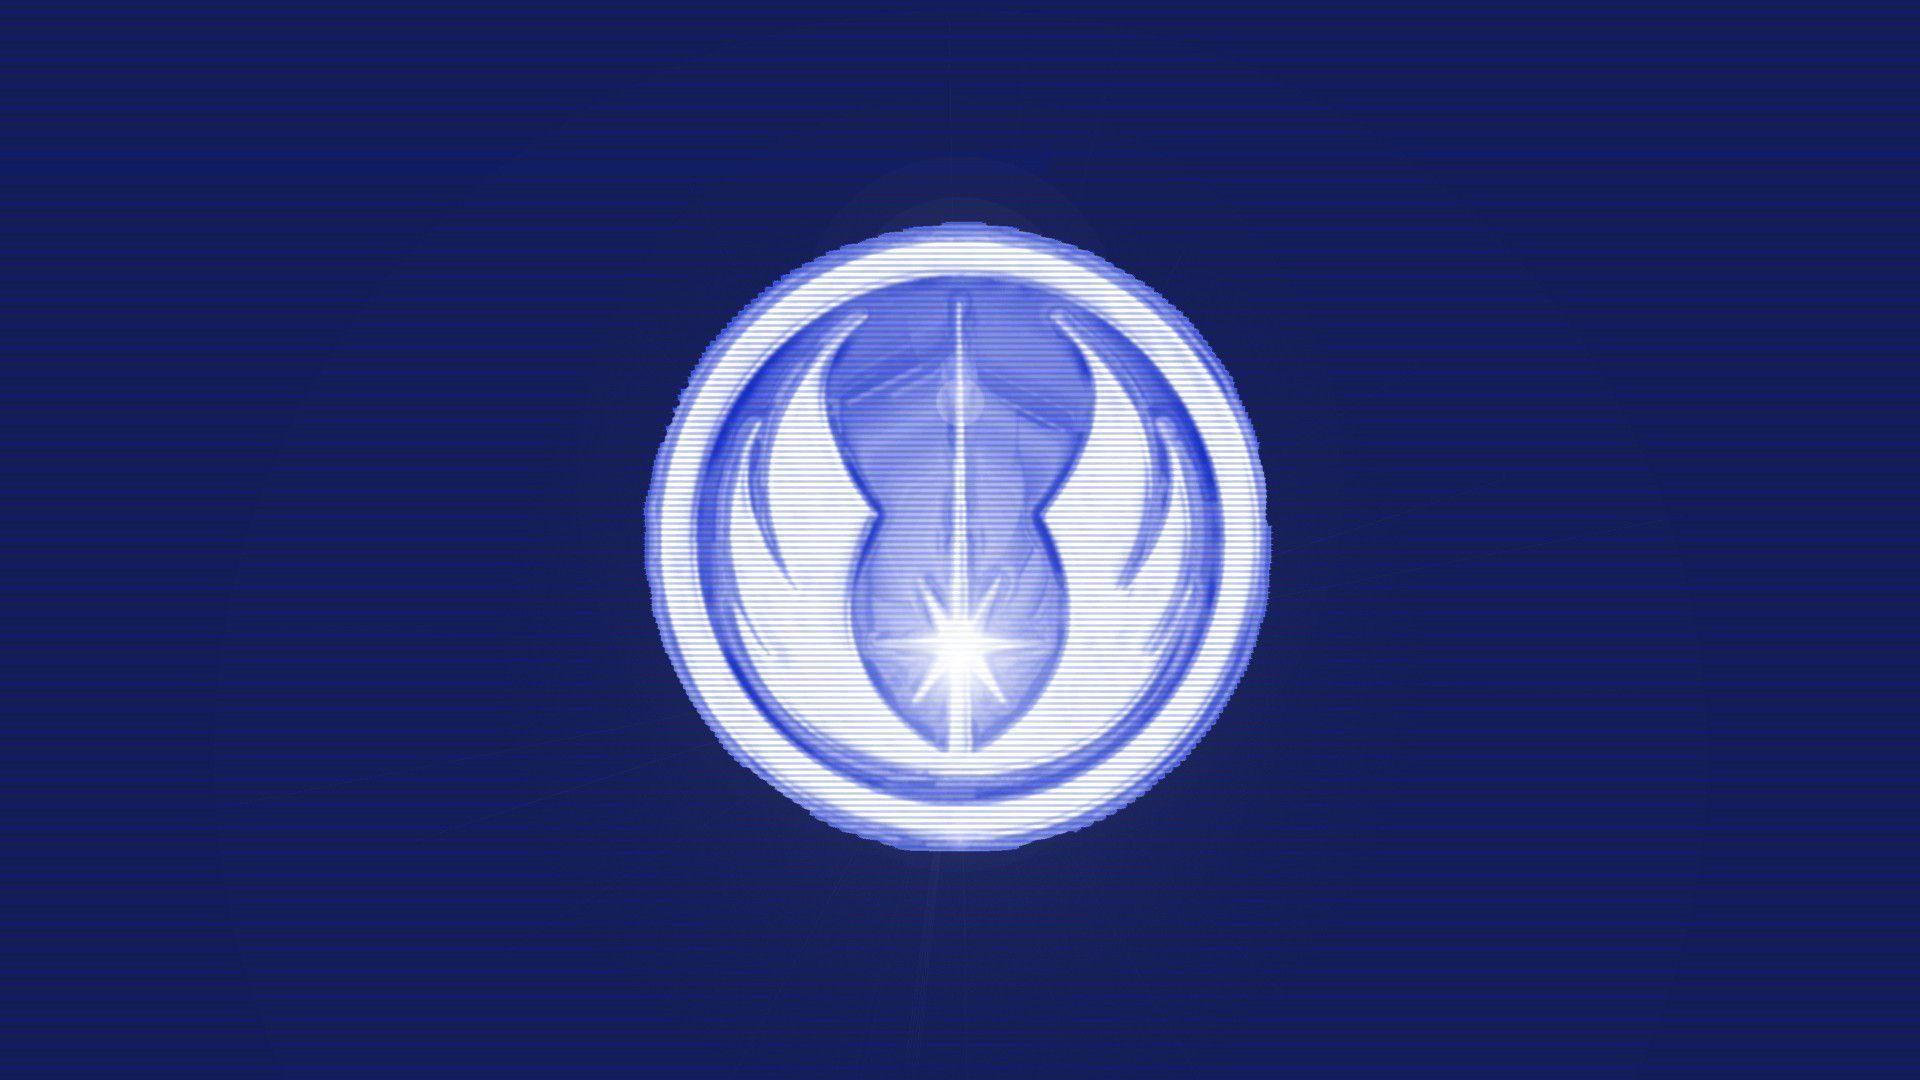 Jedi Code Wallpaper – WallpaperSafari